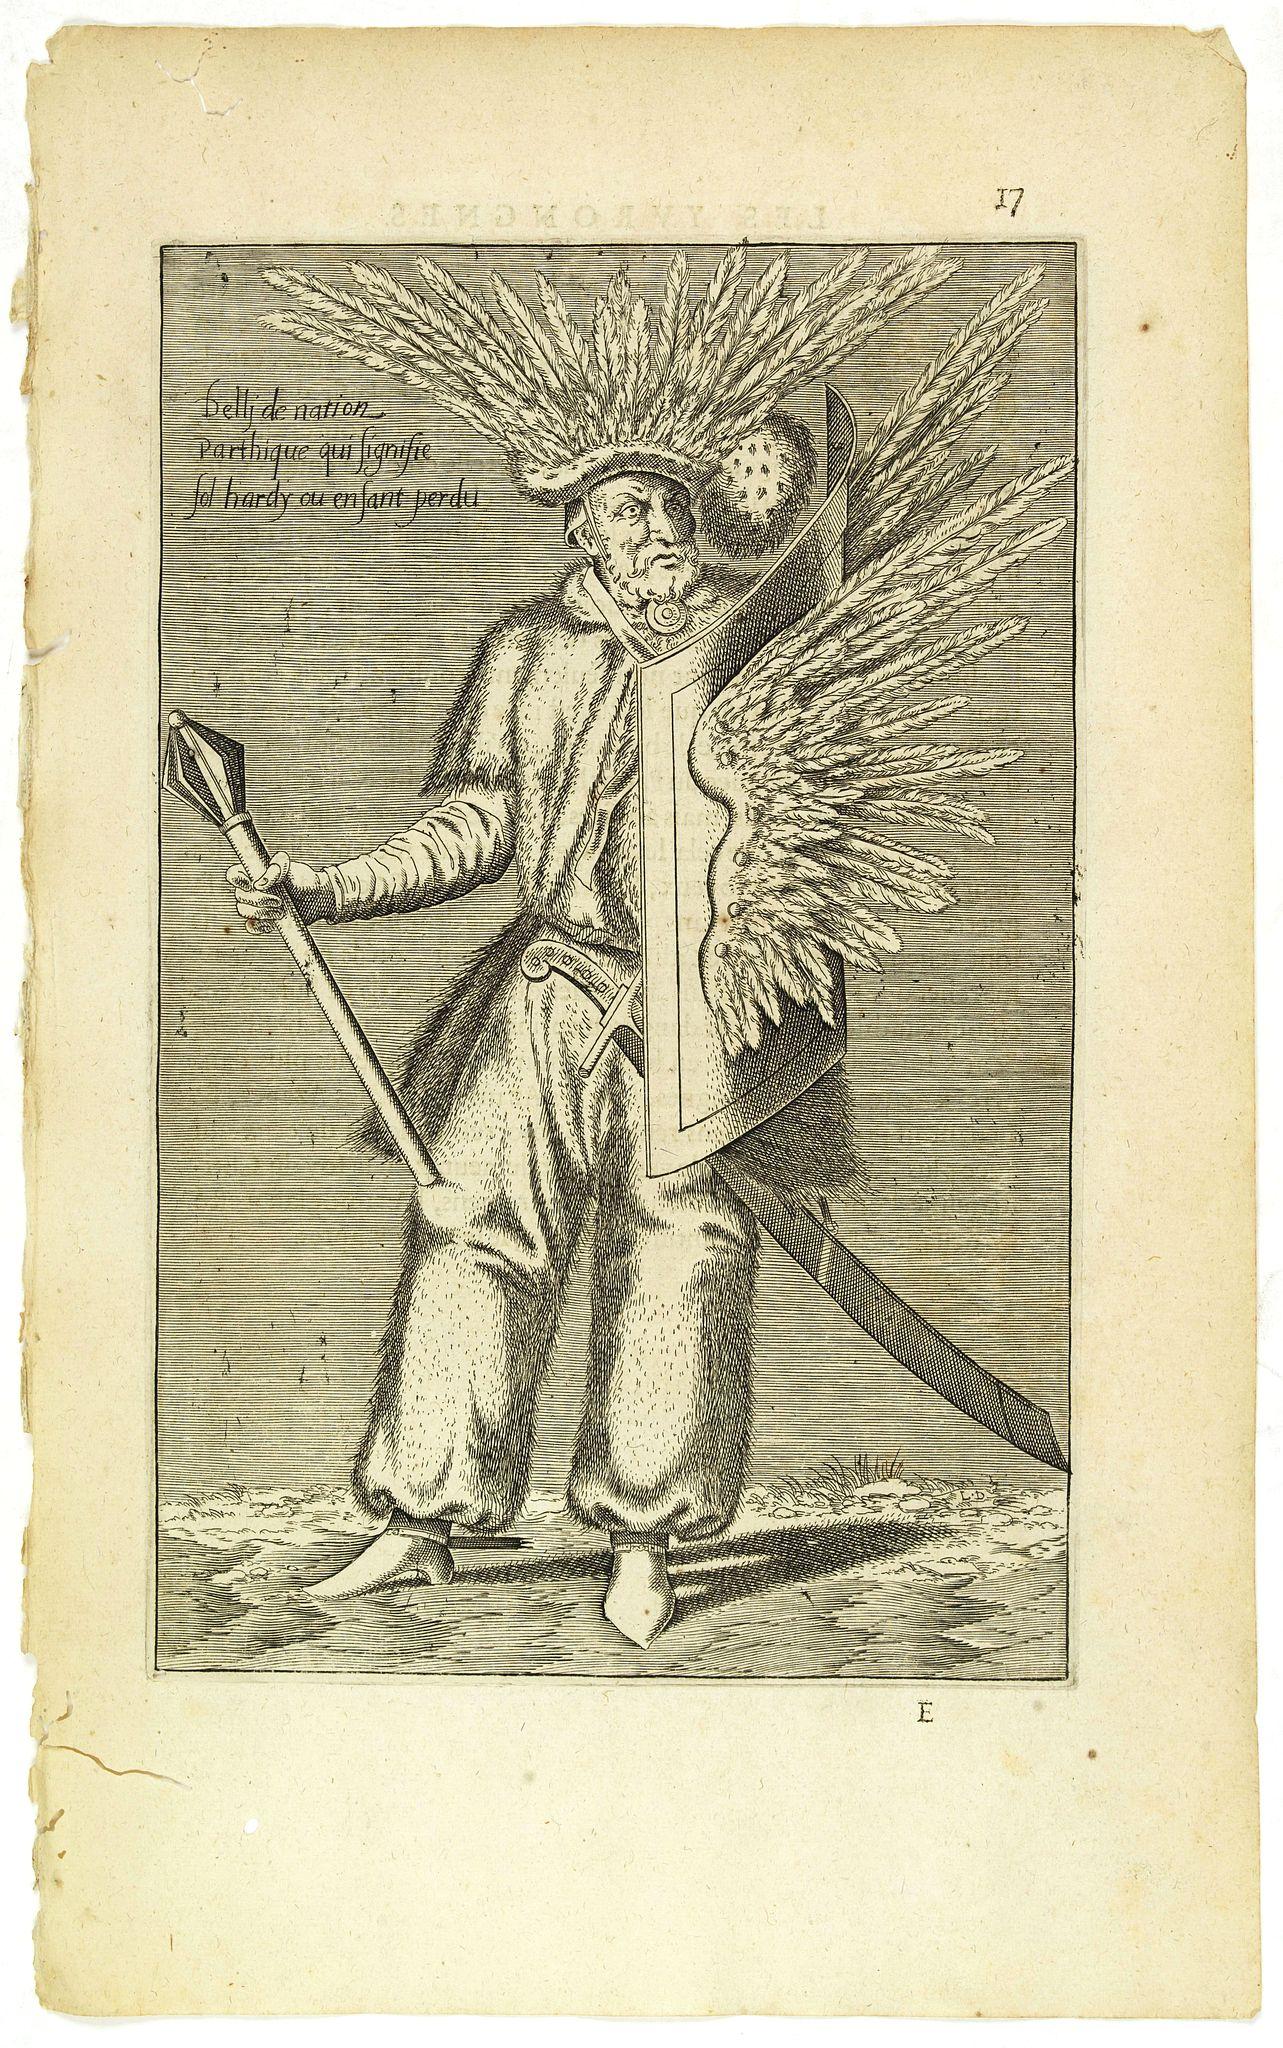 NICOLAS DE NICOLAY, Thomas Artus (sieur d'Embry). -  Delli de nation Parthique qui signifie Sol Harfy ou Enfant Perdu. (17)